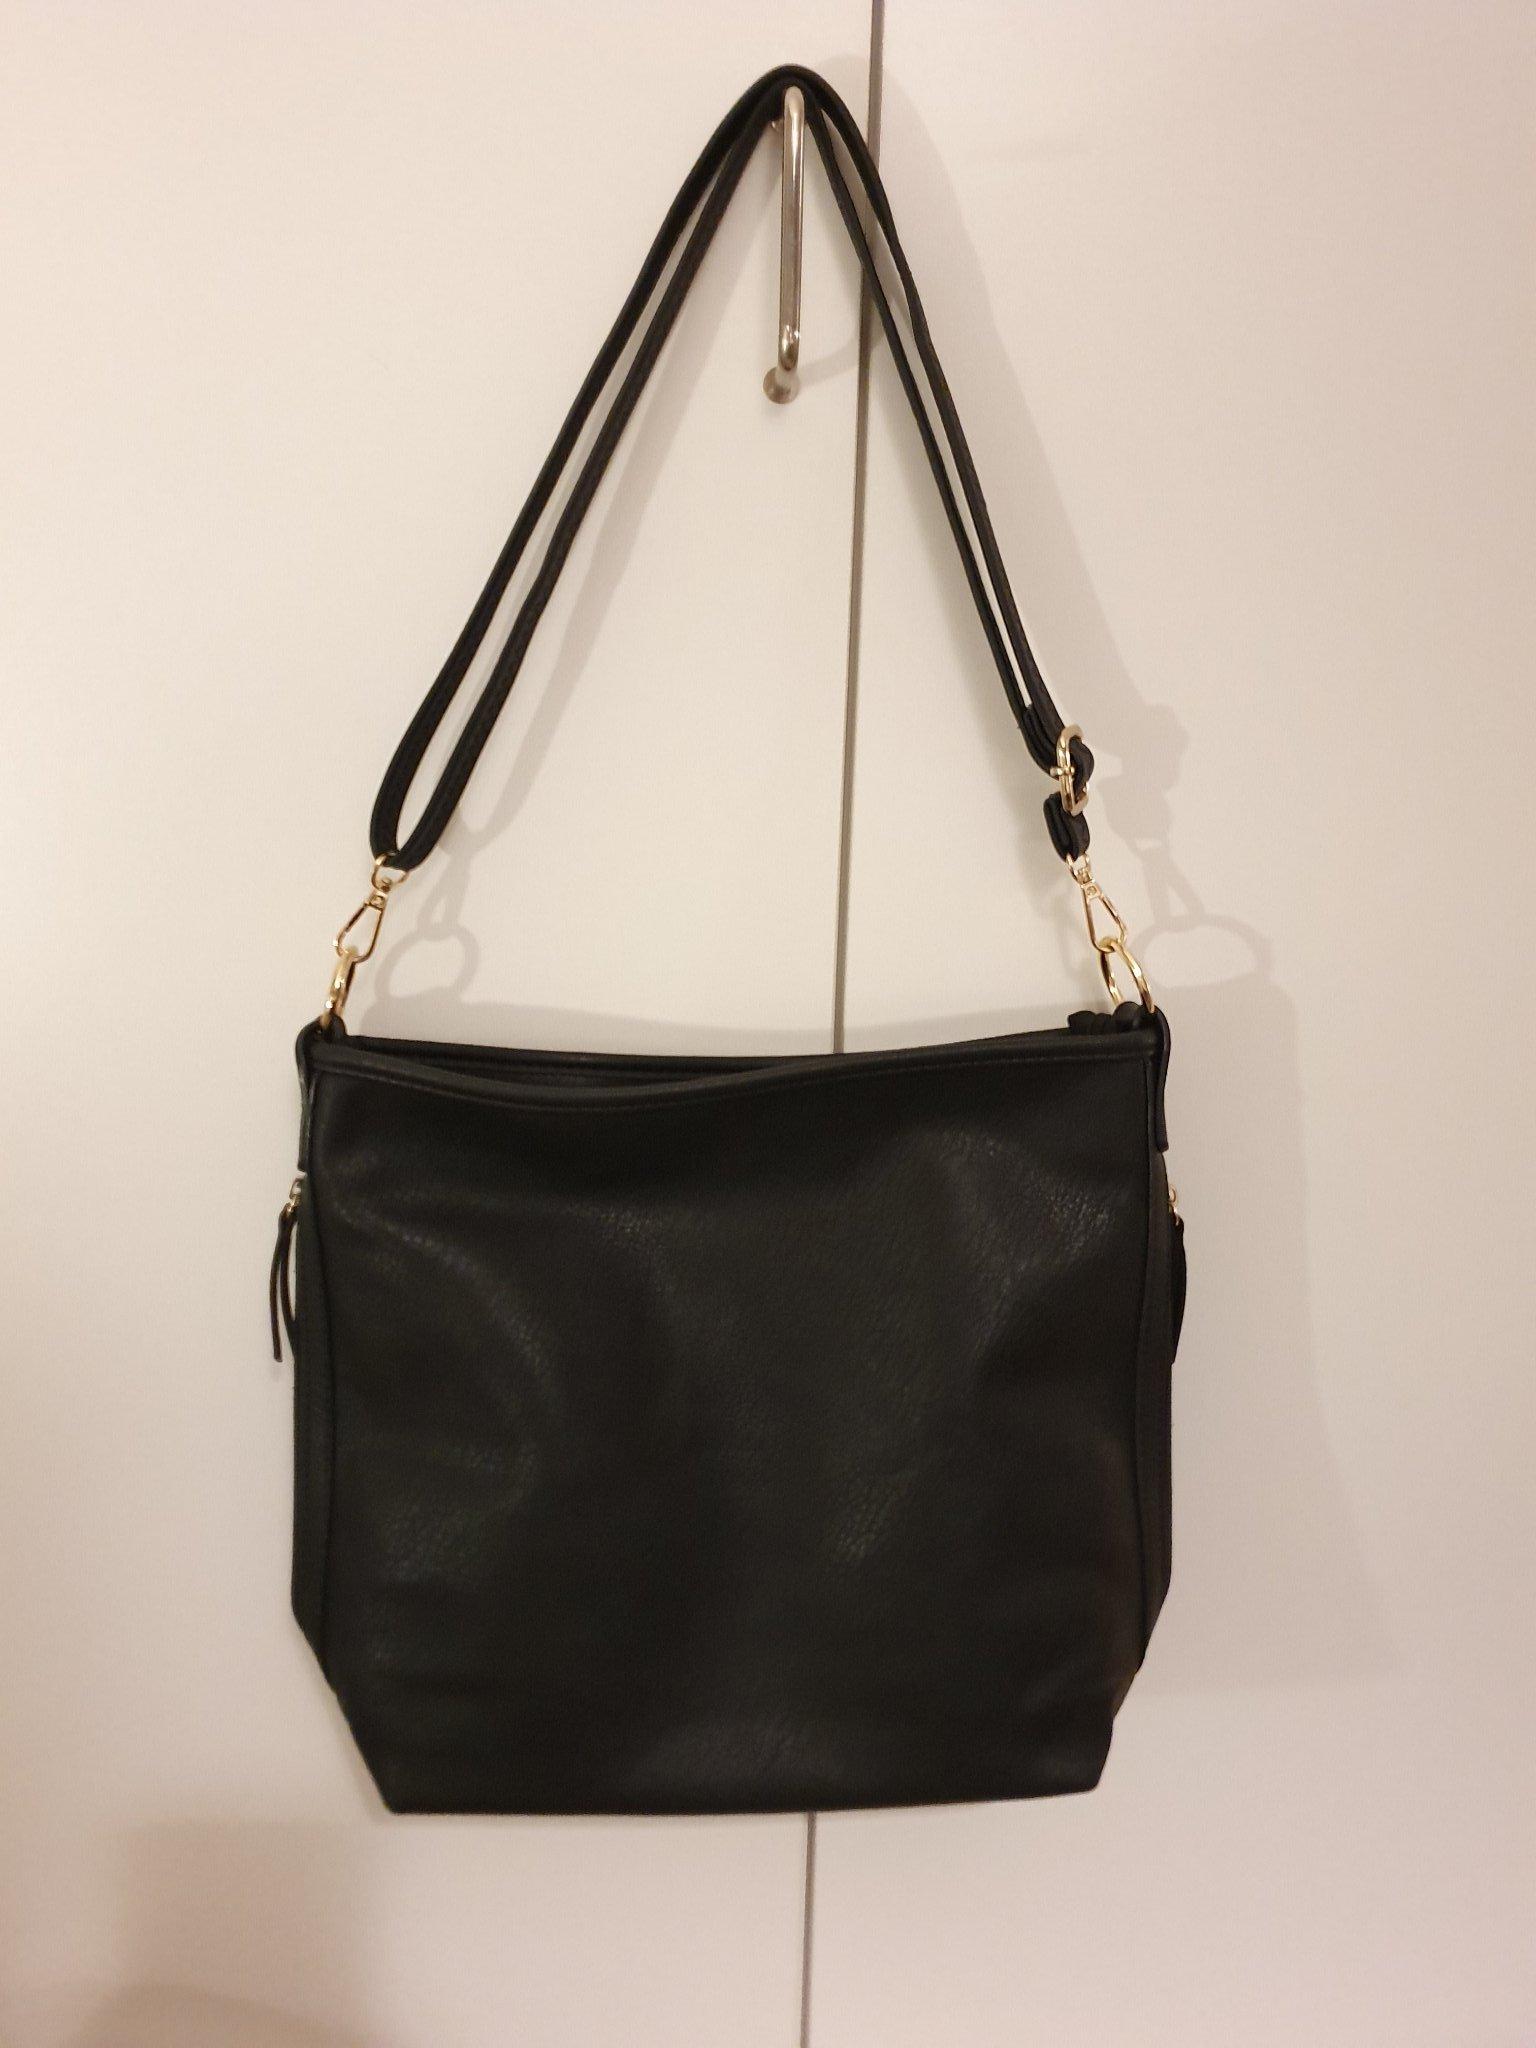 svart väska med axelband